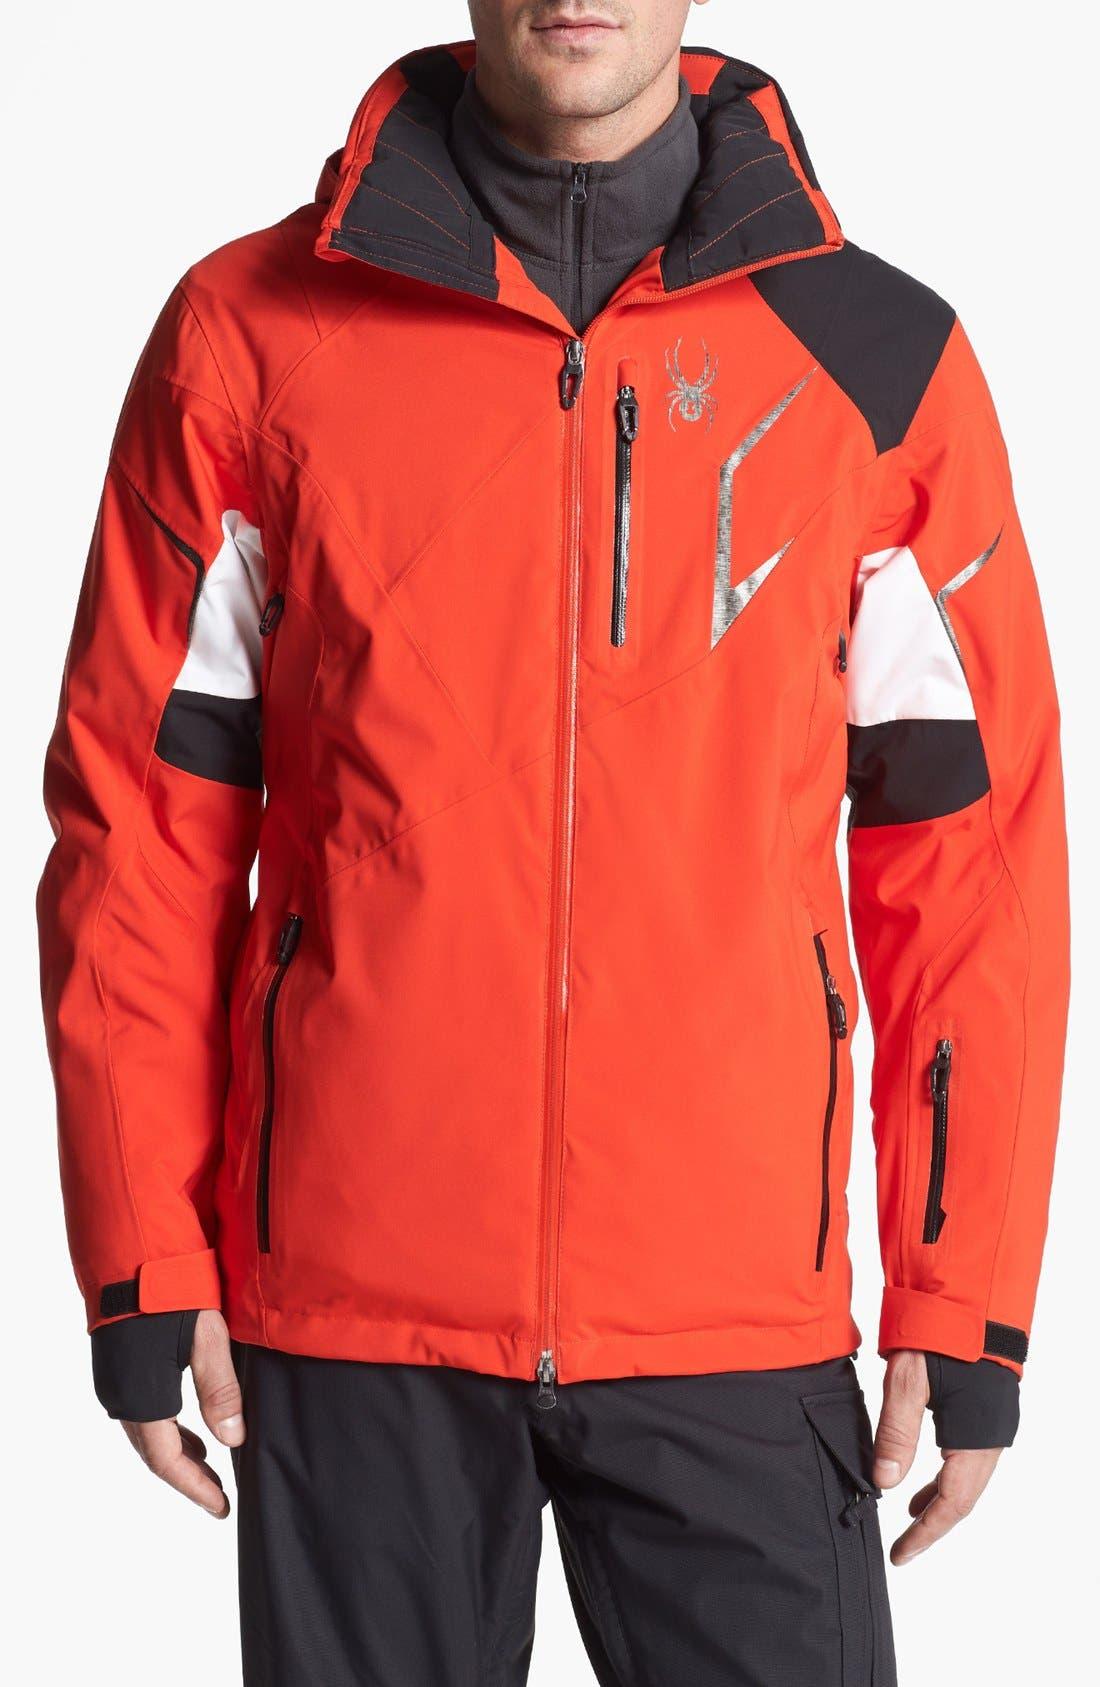 Main Image - Spyder 'Leader' Jacket